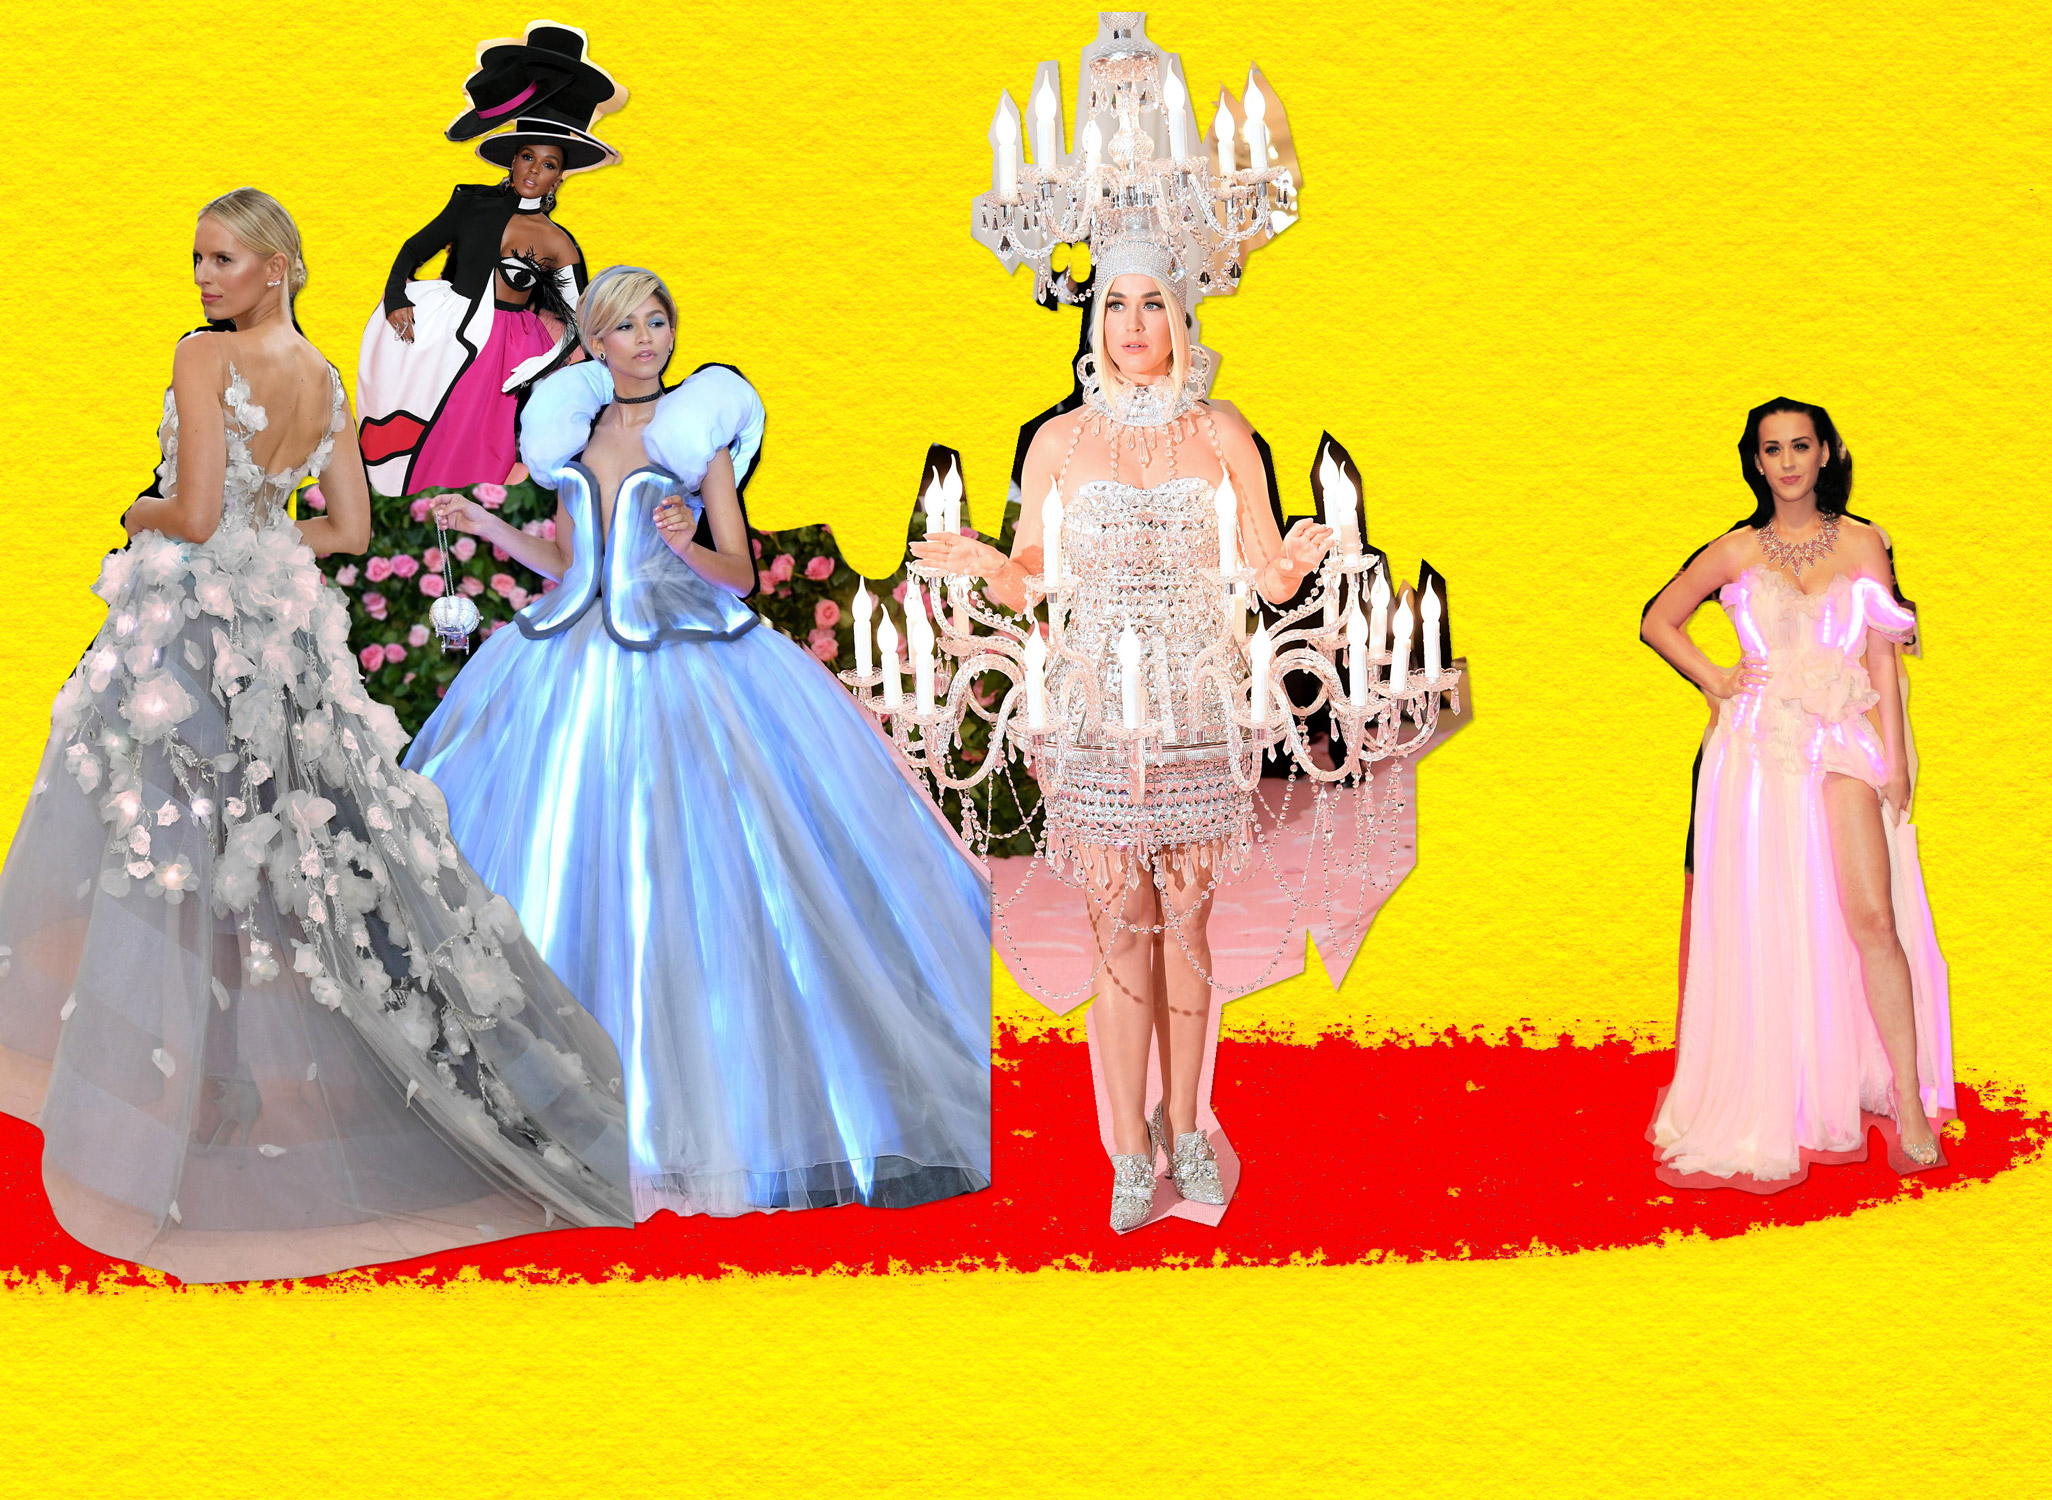 De gauche à droite, Karolina Kurkova (Met Gala 2016), Janelle Monáe, Zendaya Coleman et Katy Perry (Met Gala 2019) et Katy Perry (Met Gala 2010)